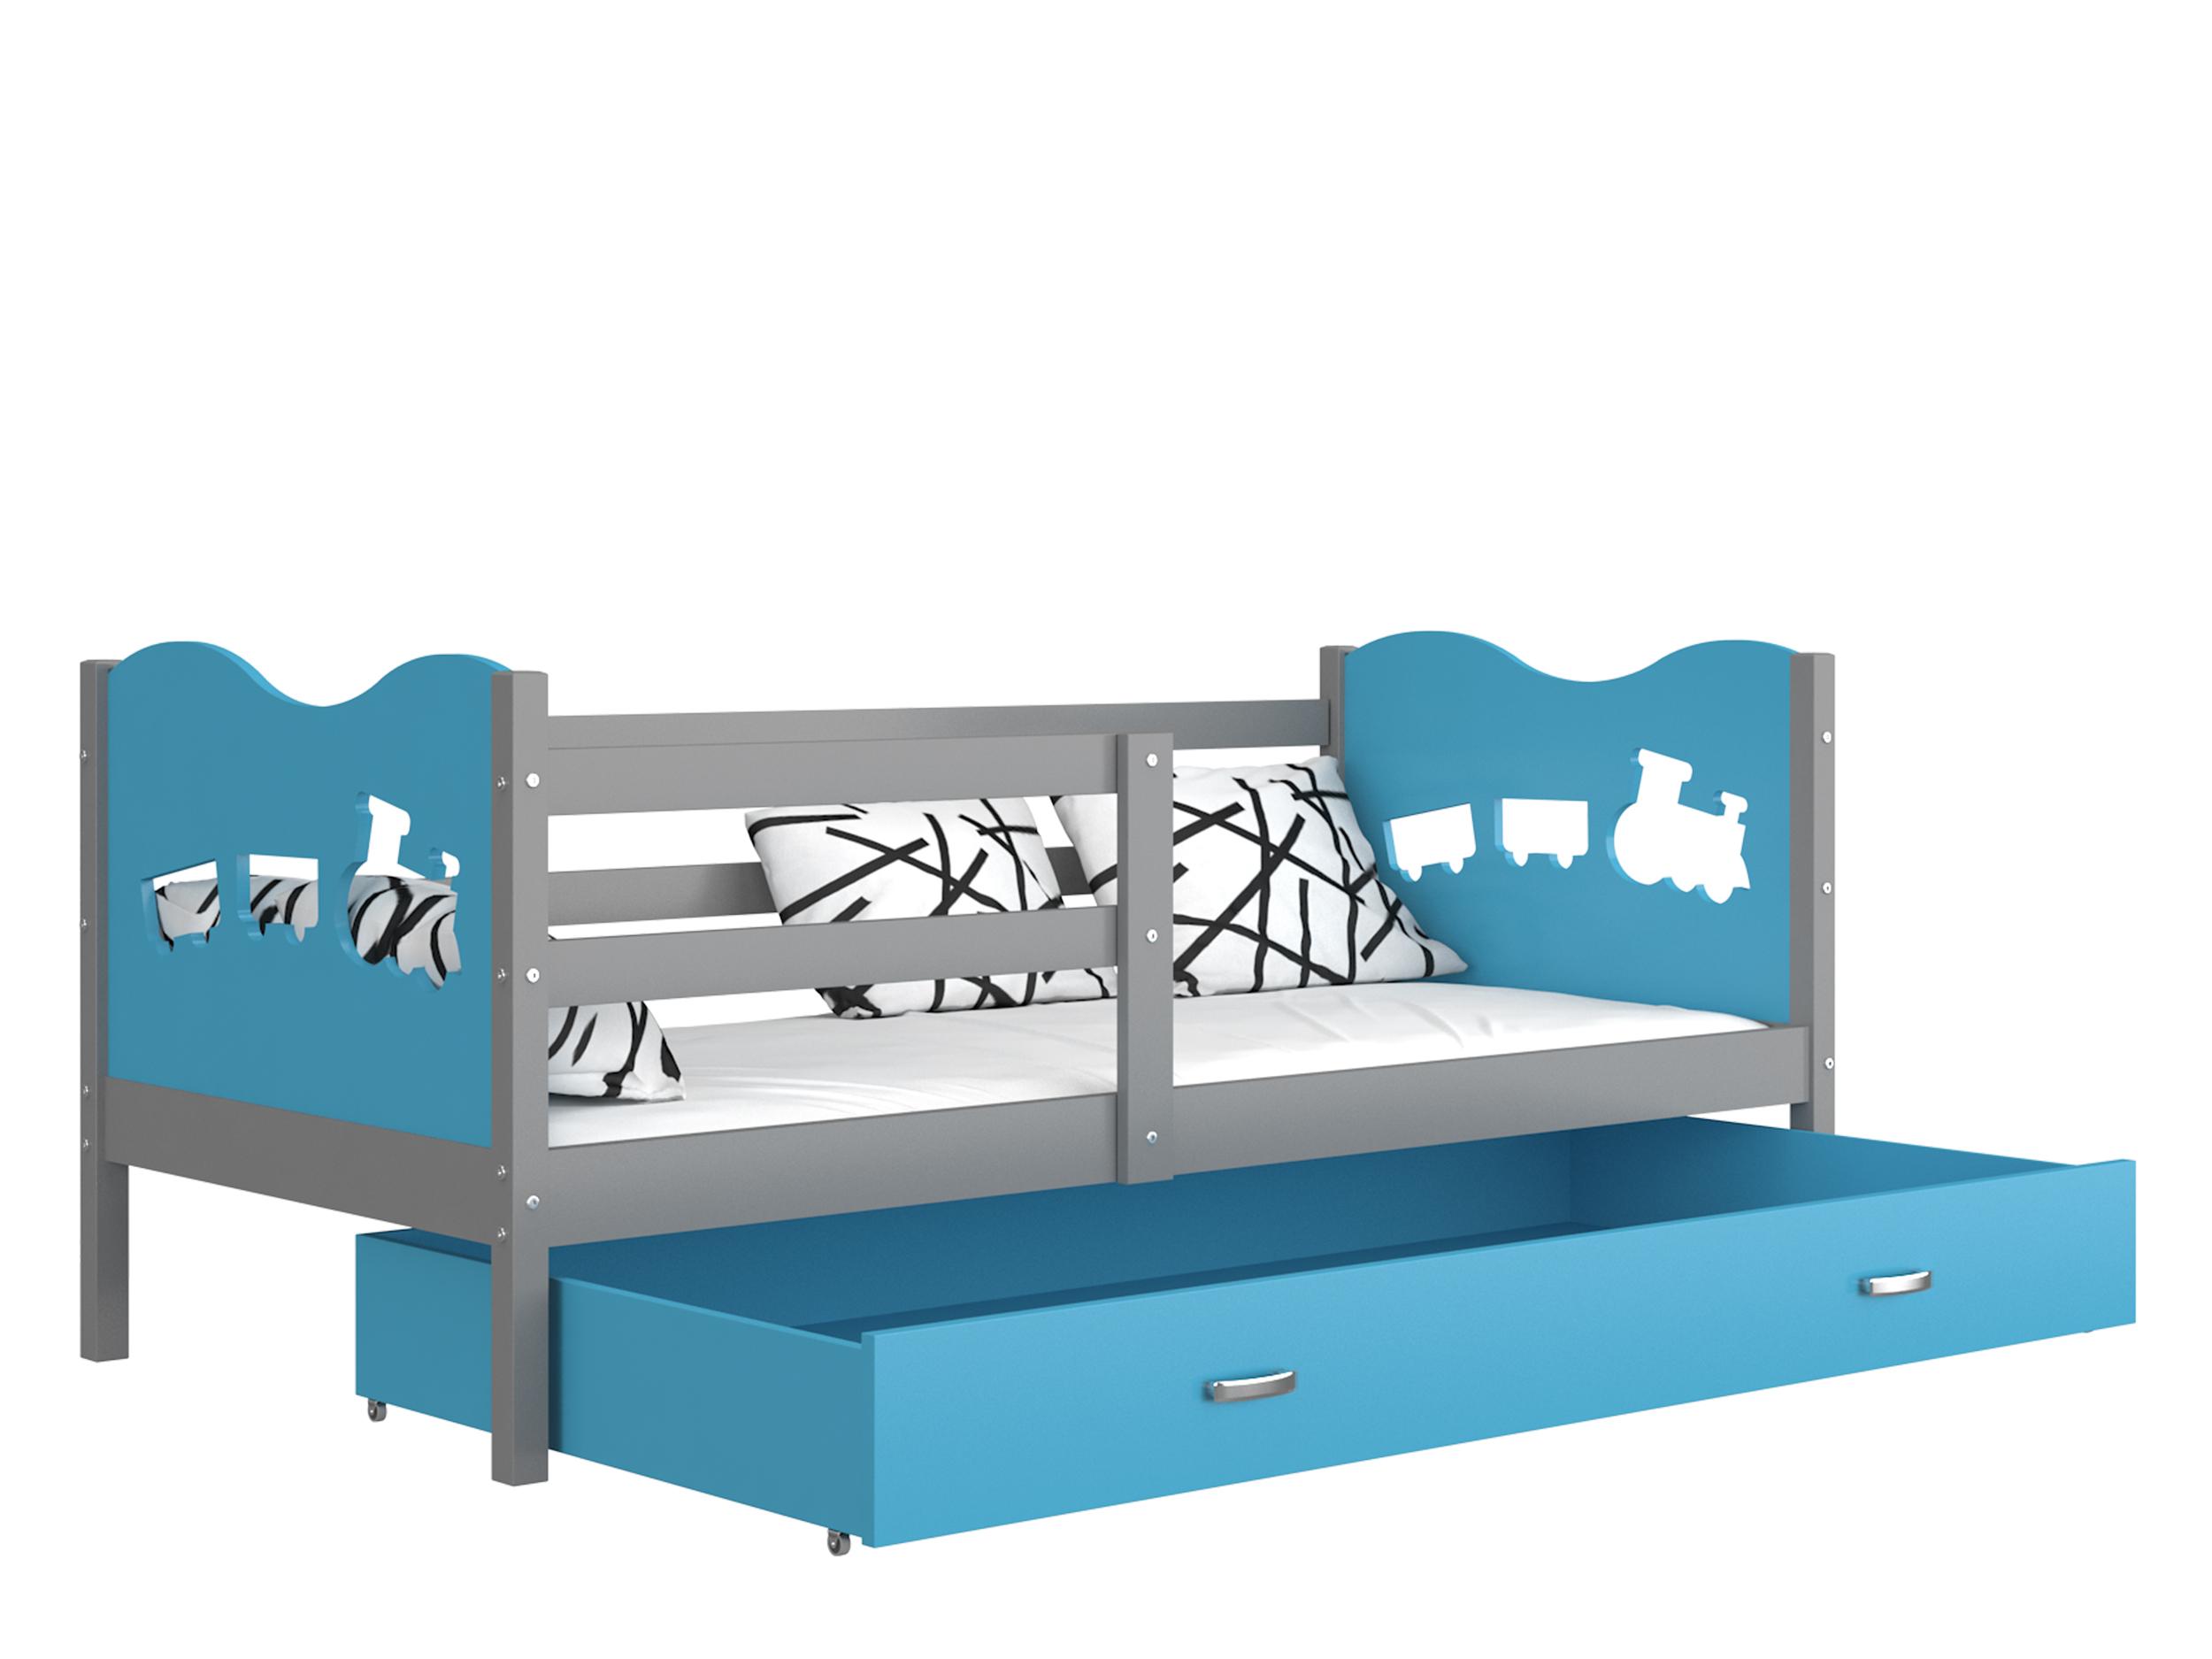 ArtAJ Detská posteľ MAX P / MDF 200 x 90 cm Farba: sivá / modrá 200 x 90 cm, s matracom